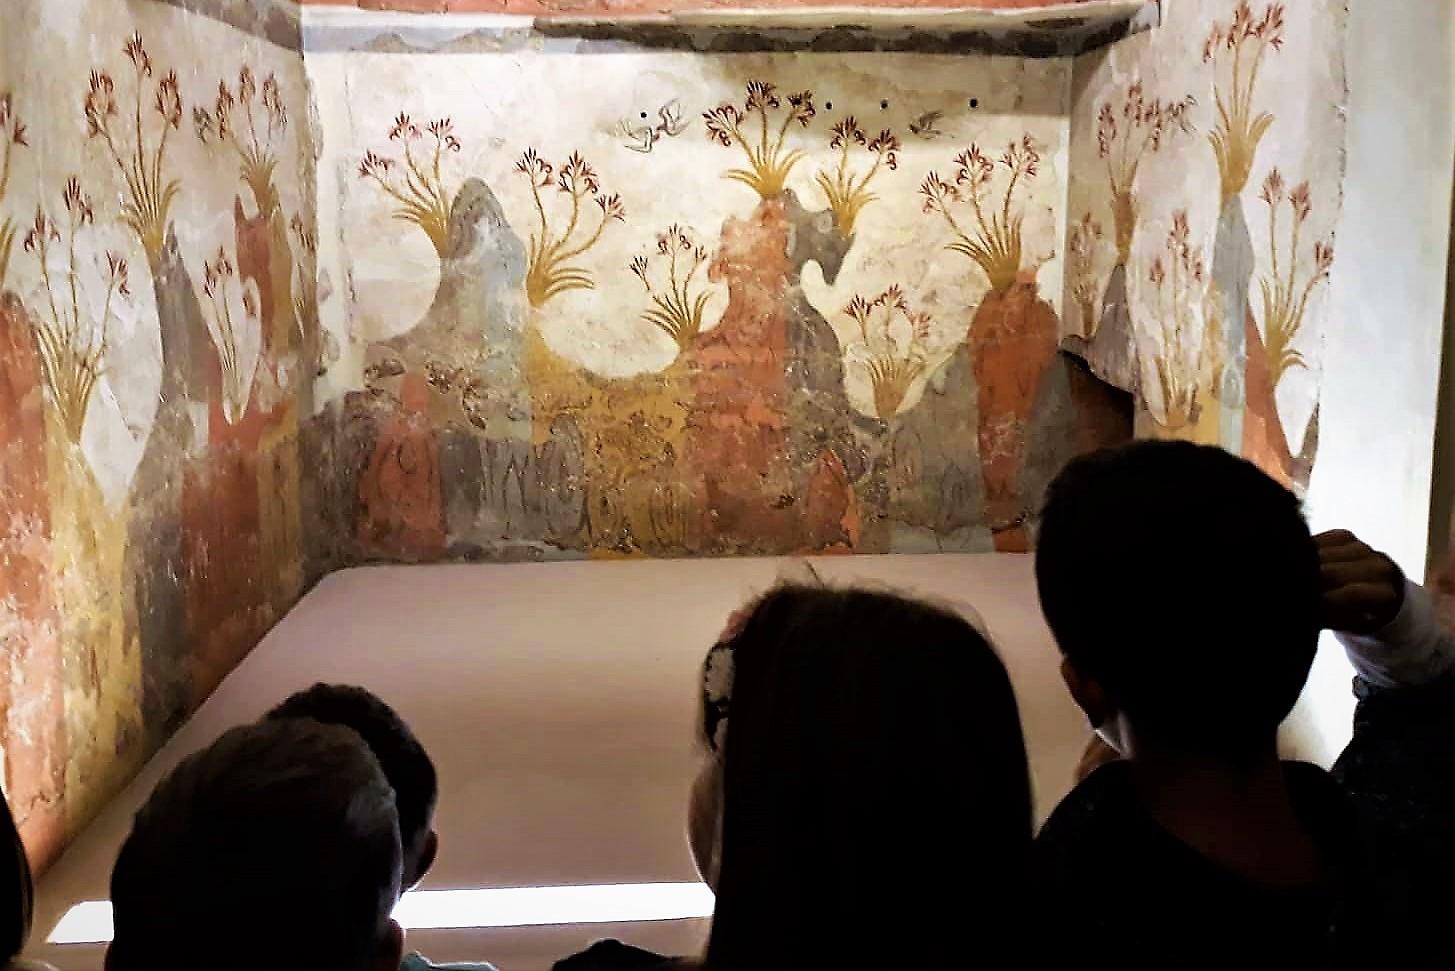 santorini museum kids athens